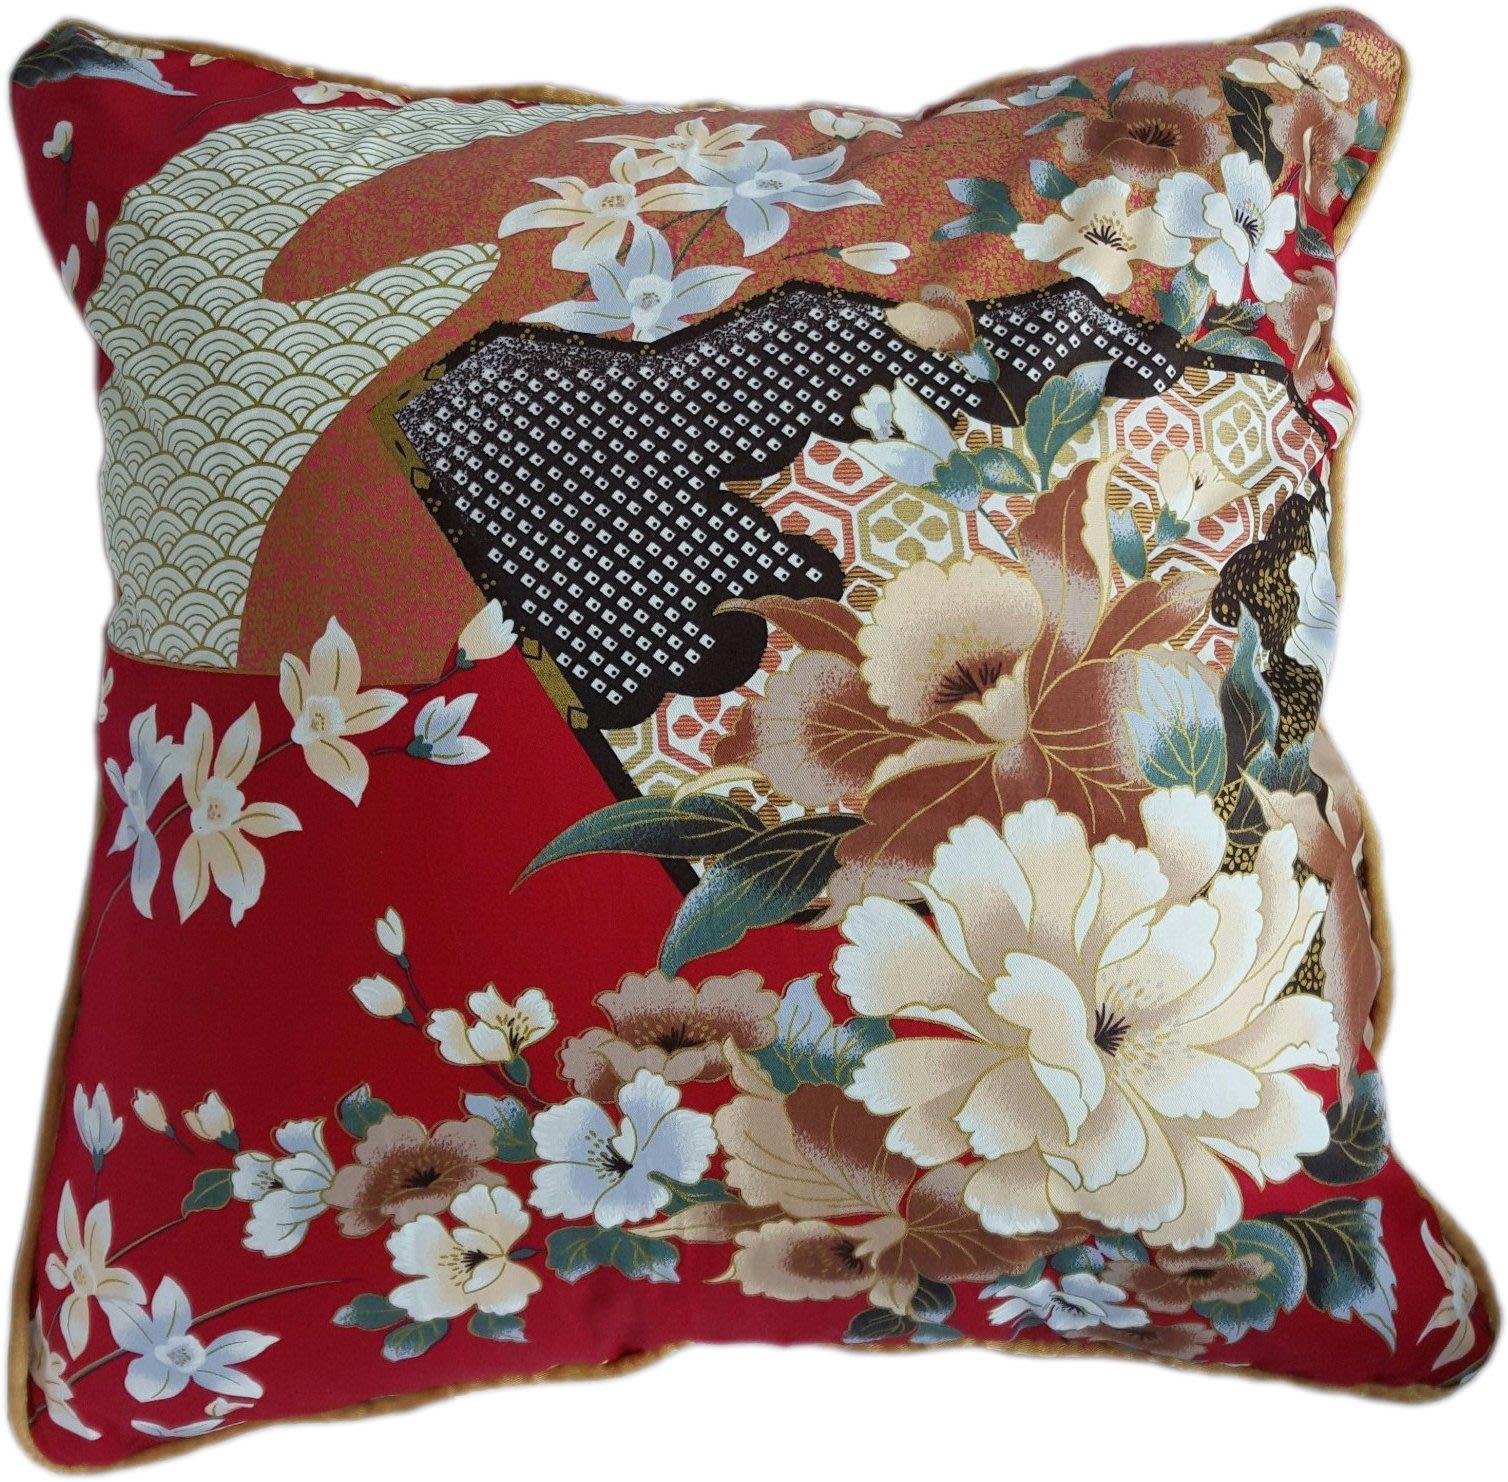 C01 日式和風抱枕  45x45cm系列 (不含枕心)